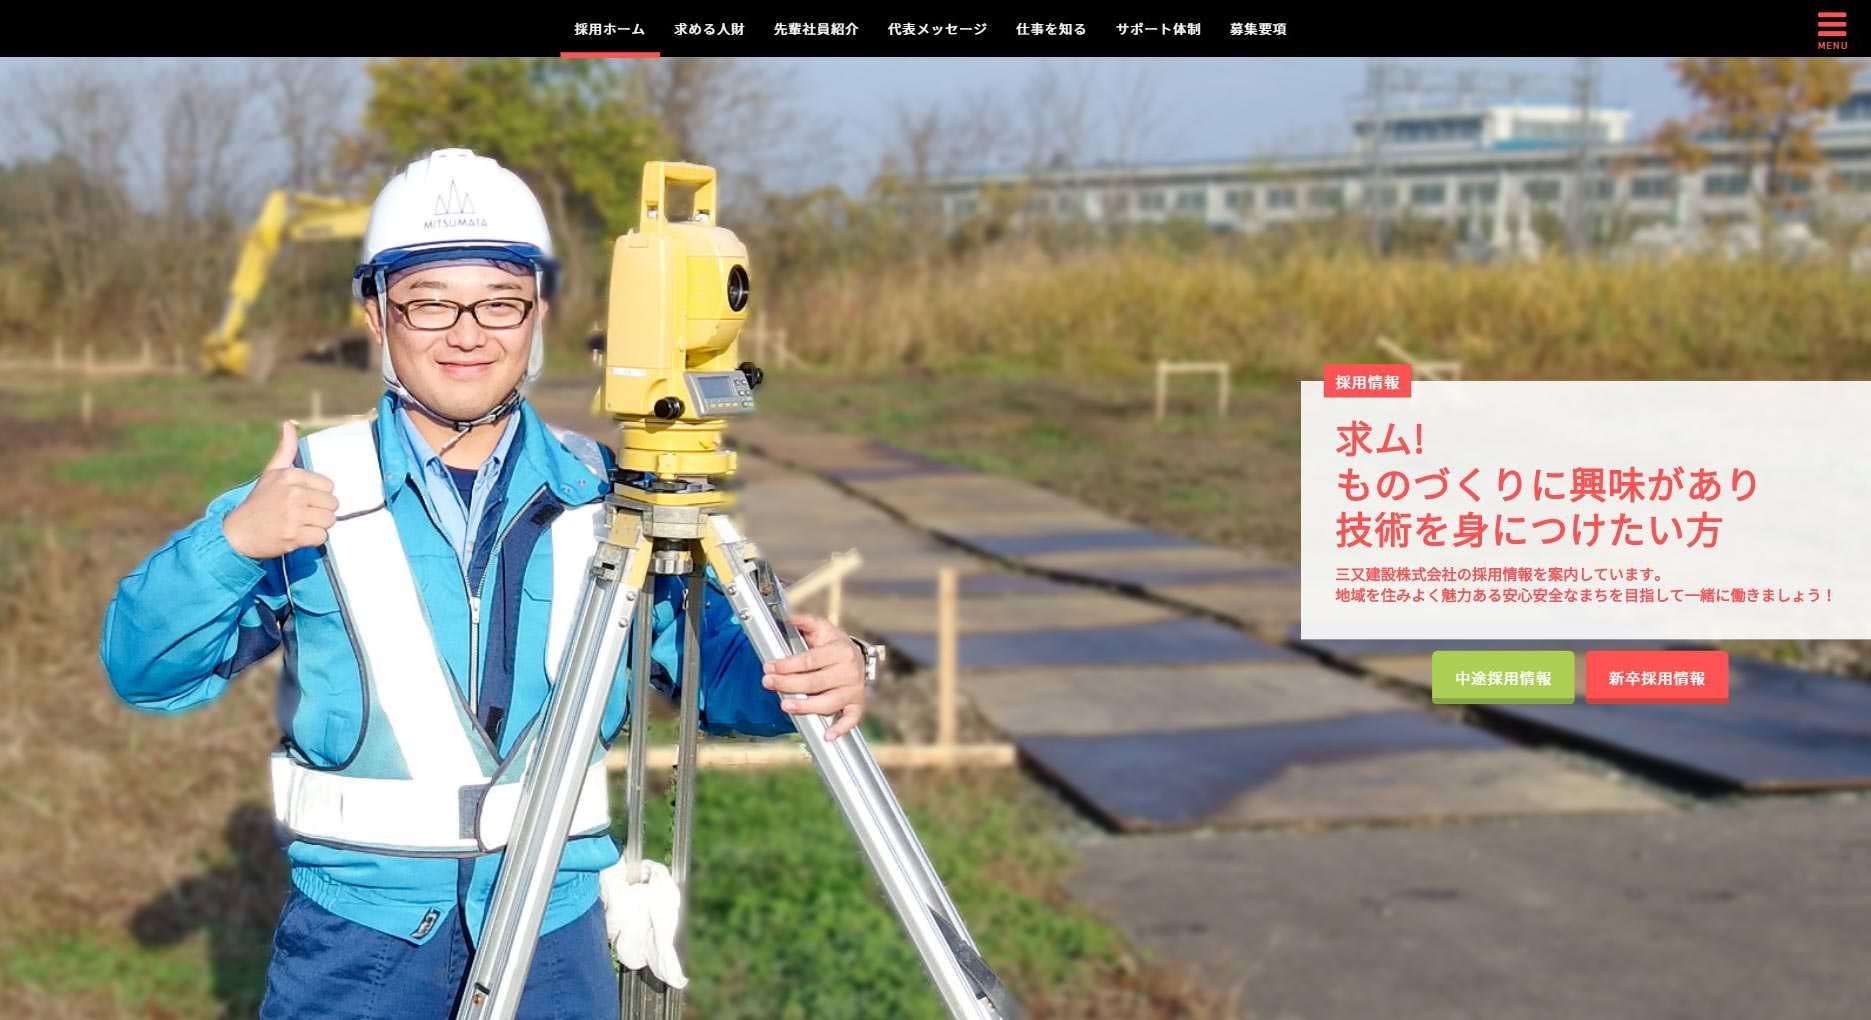 三又建設(採用特設サイト)様のサイトイメージ